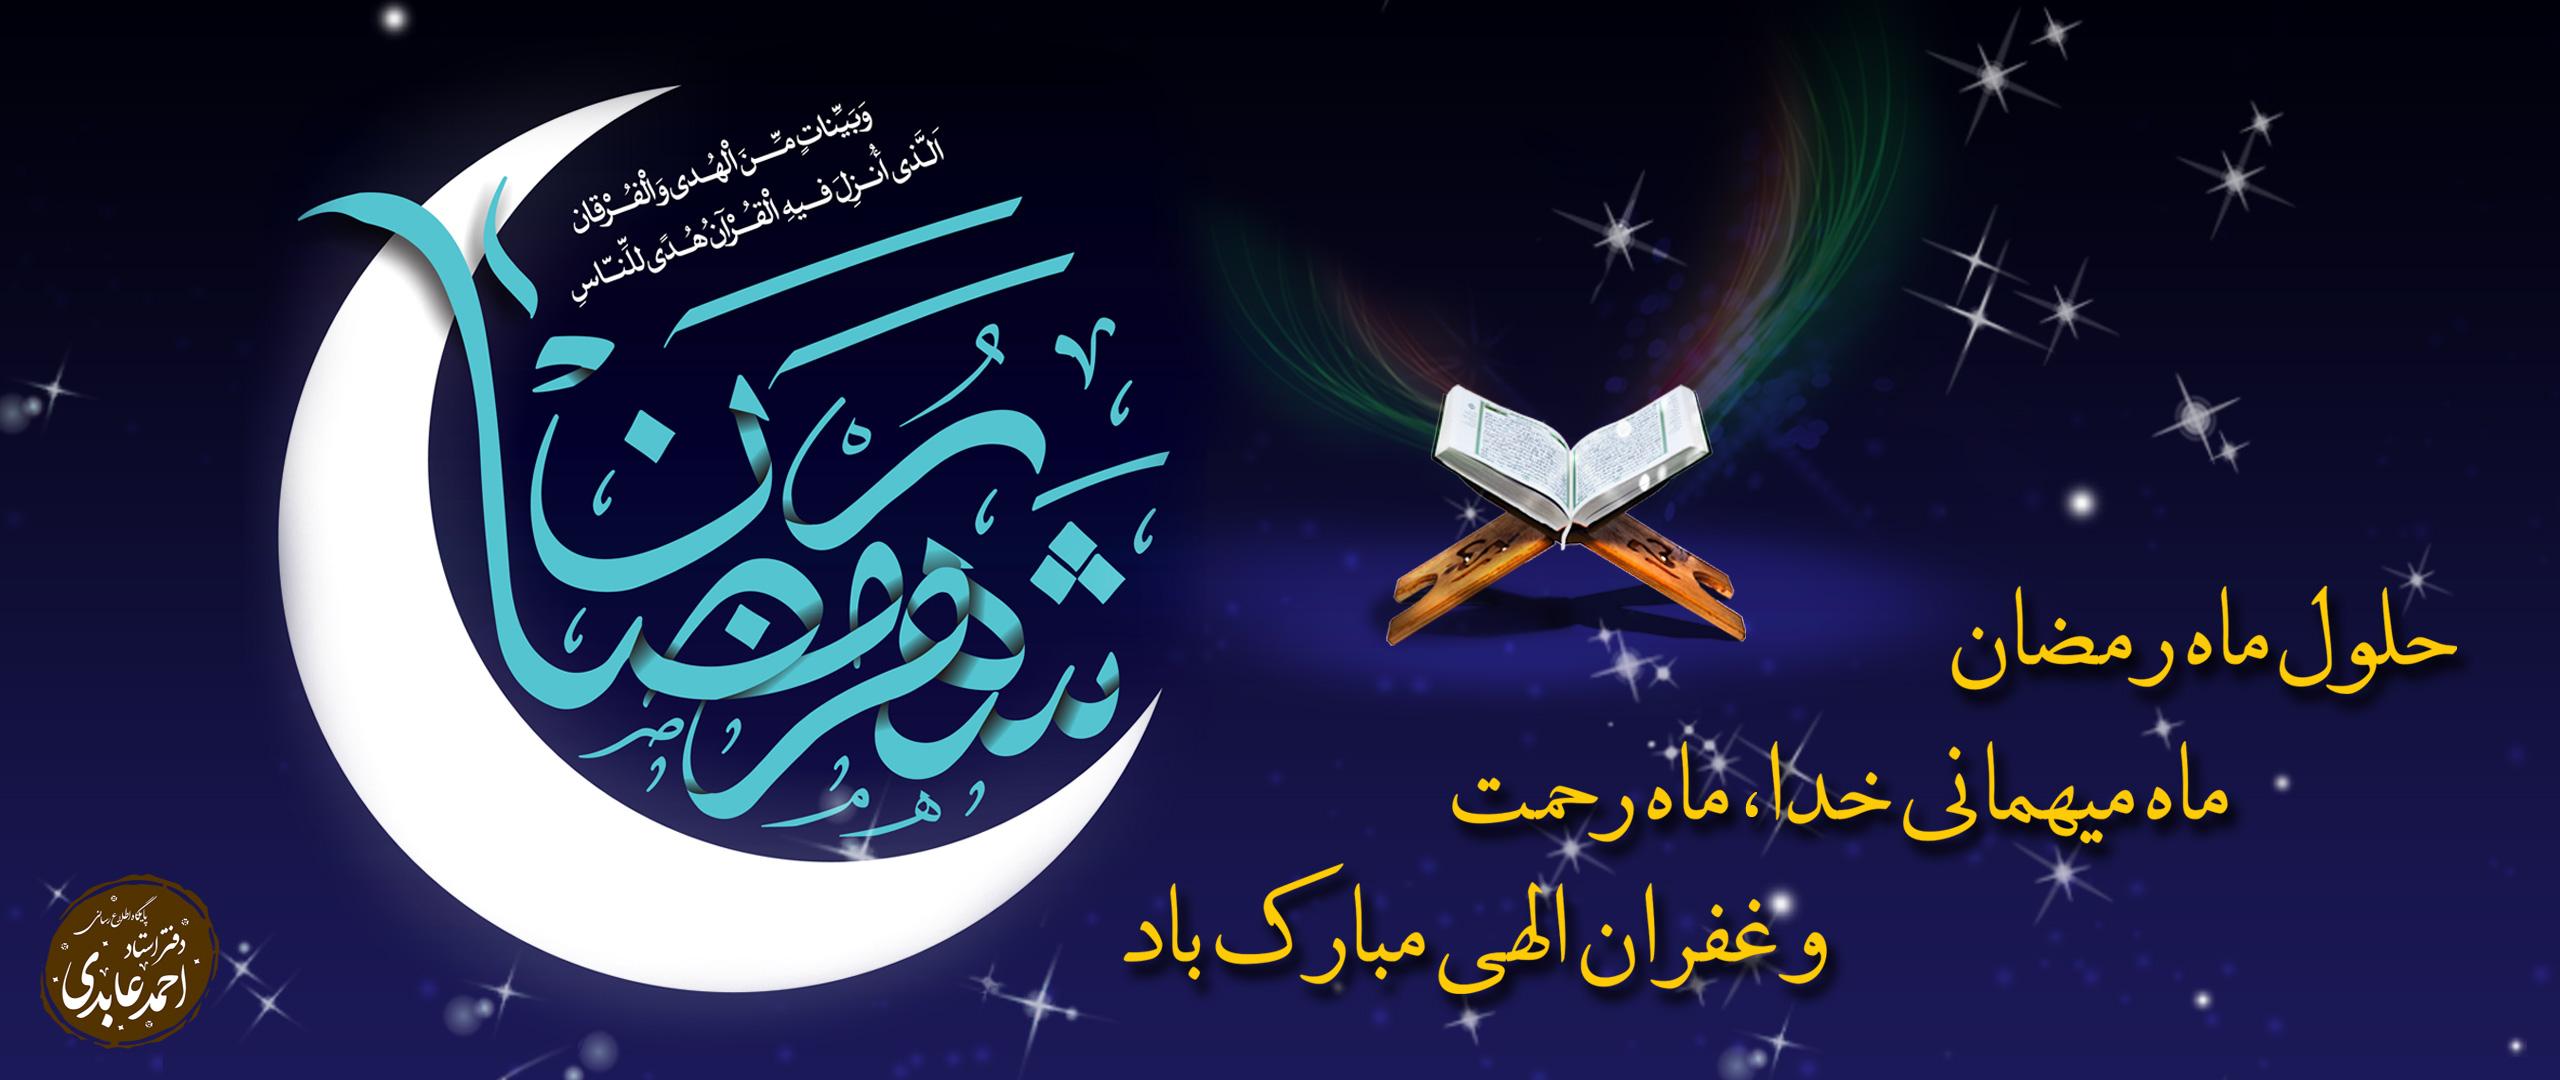 تبریک ماه مبارک رمضان